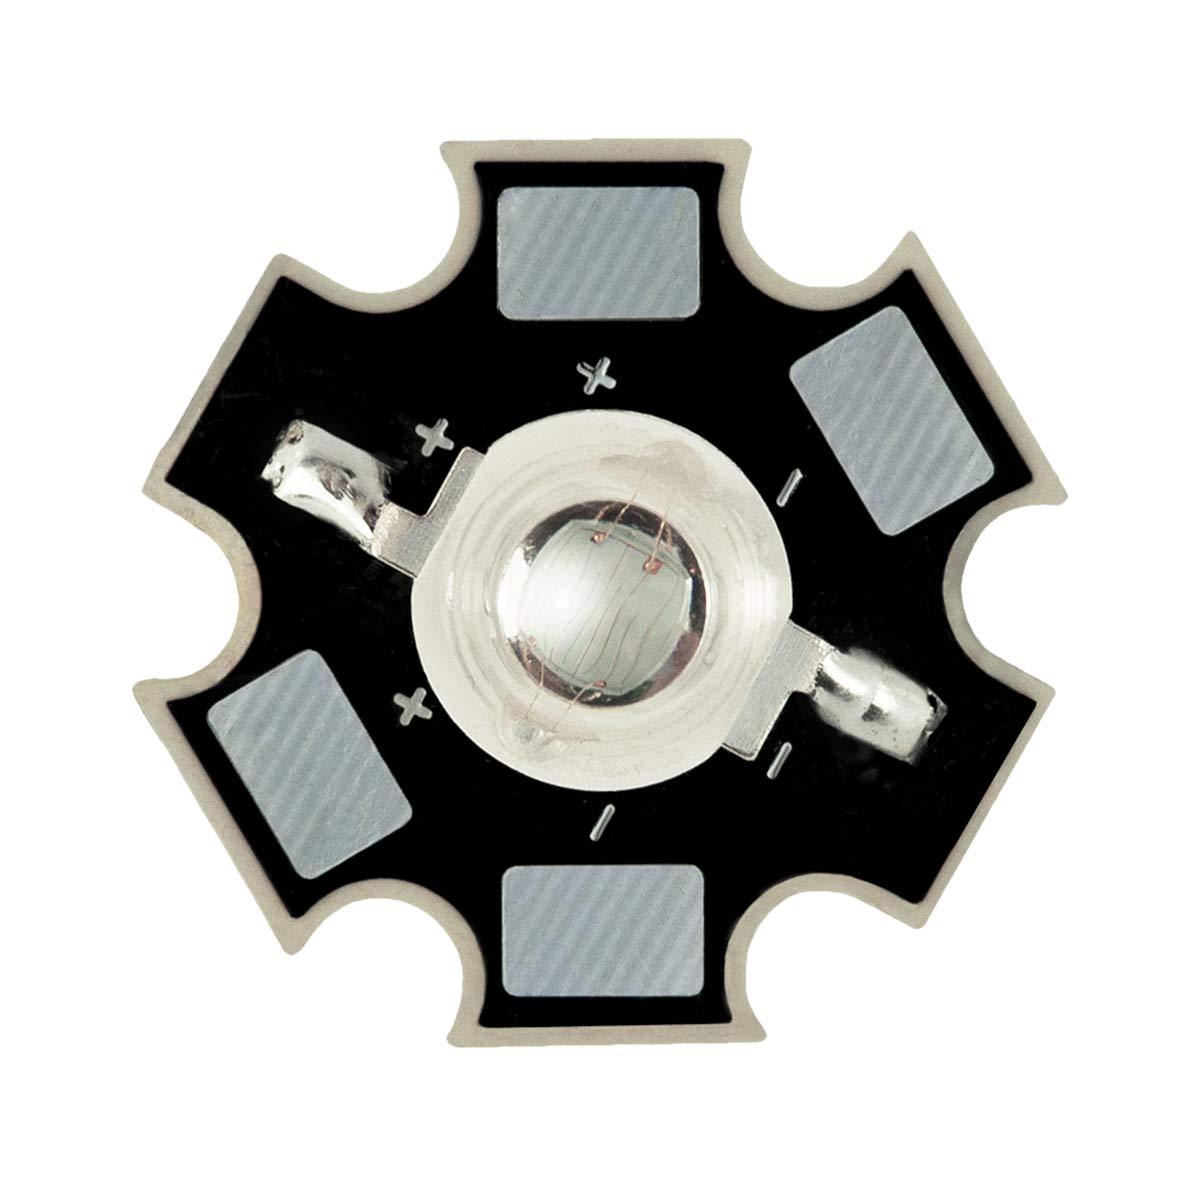 1W Componente LED de Alta Potencia Amarillo 595nm Diodo Emisor de Luz en 20mm placa de circuito impreso PCB Crecen luces y proyectos electr/ónicos Iluminaci/ón del Acuario 1 x LED